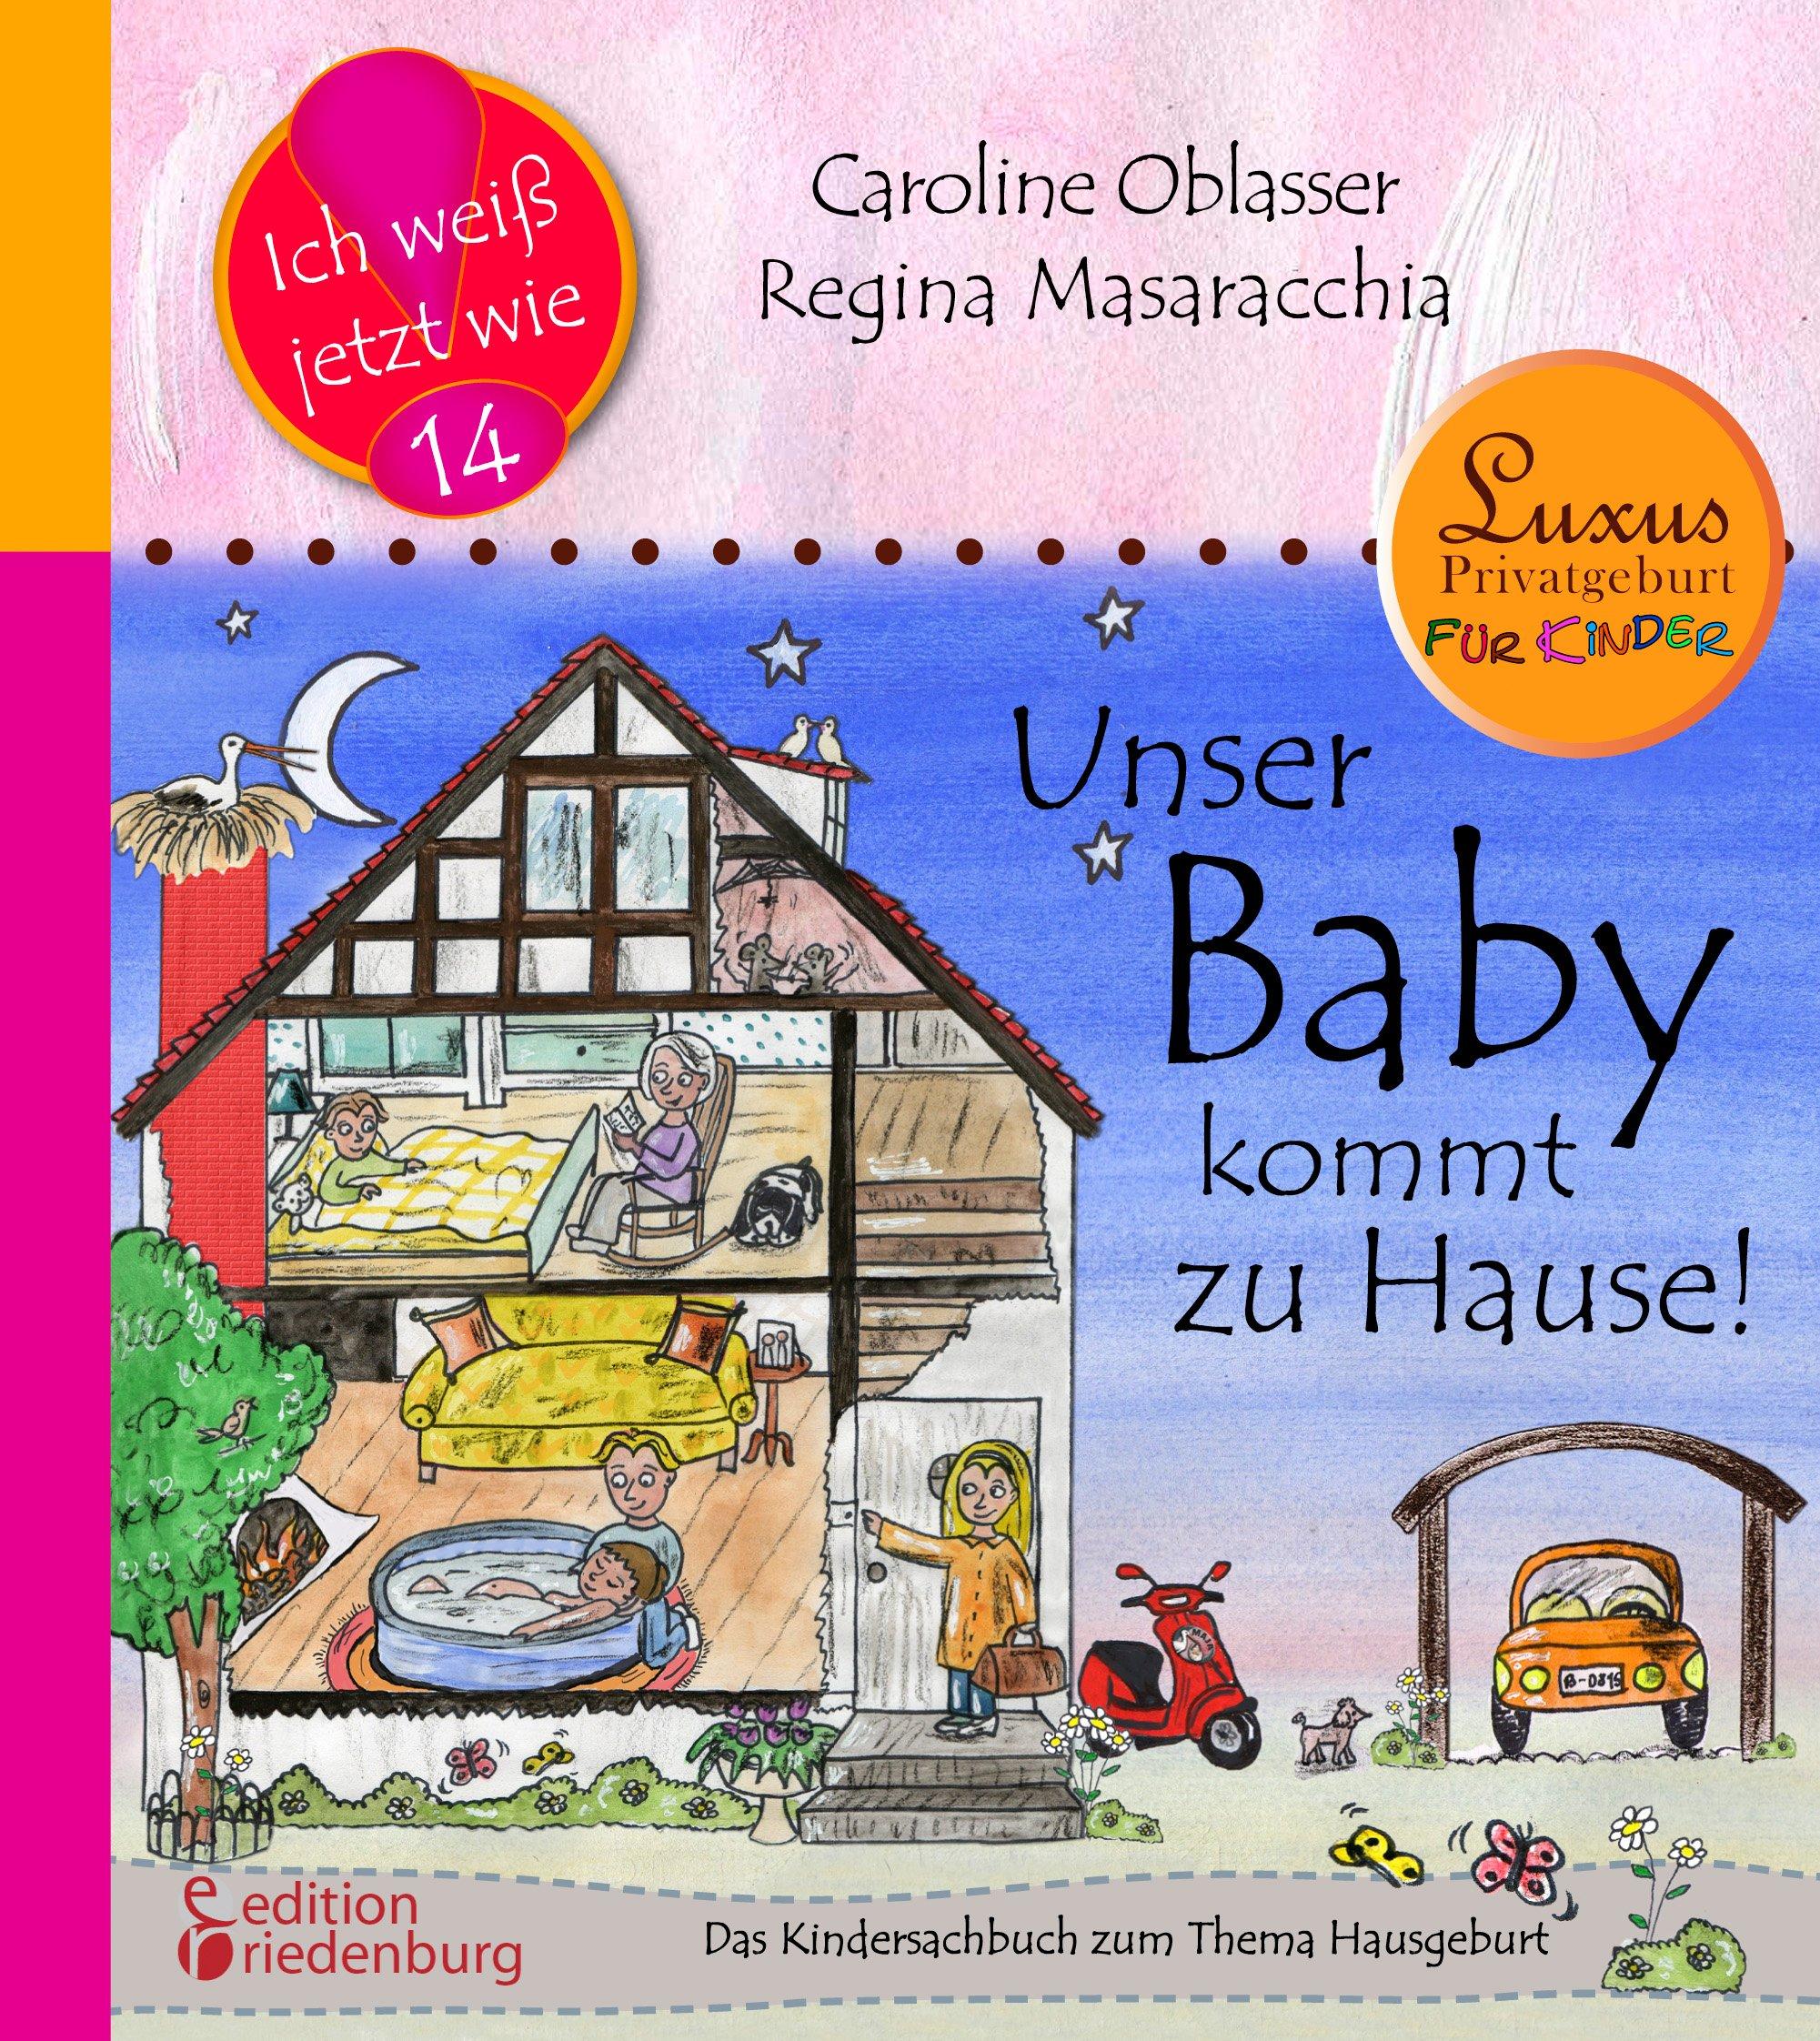 Unser Baby kommt zu Hause! Das Kindersachbuch zum Thema Hausgeburt (Ich weiß jetzt wie!)